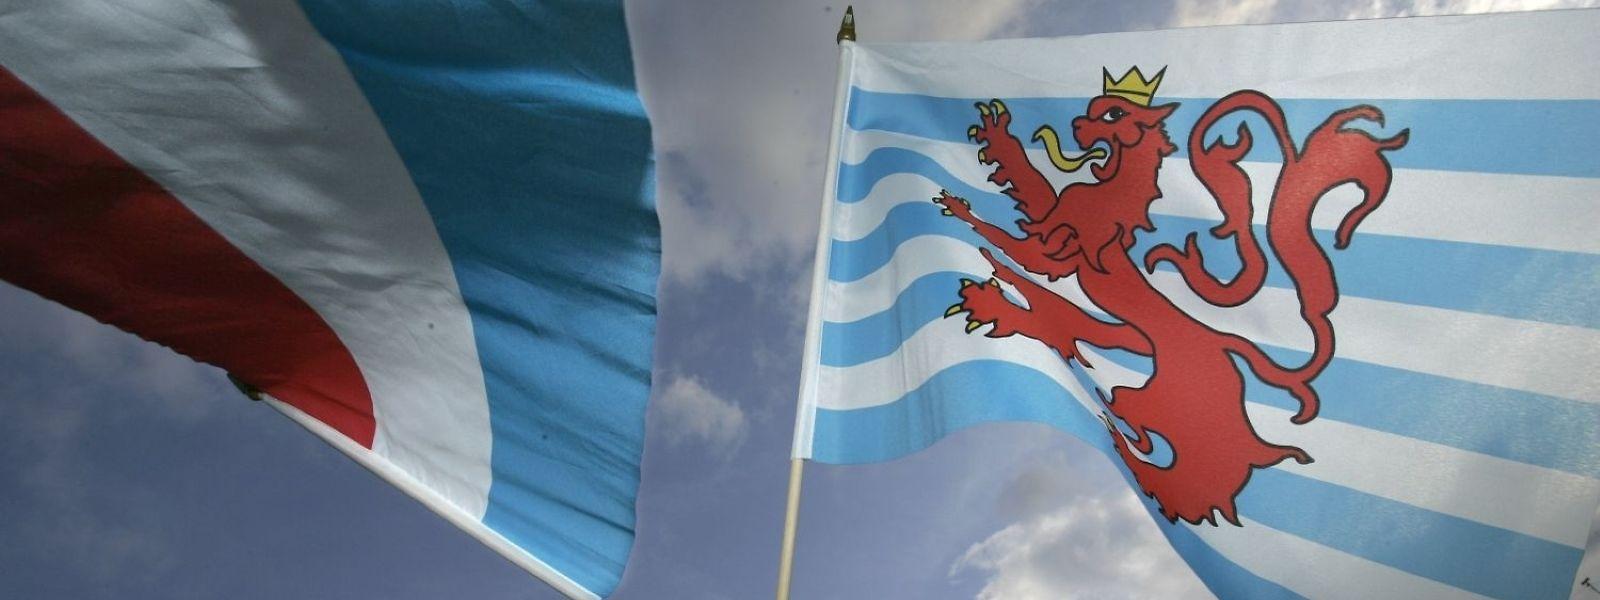 Viele Menschen im Ausland mit luxemburgischen Vorfahren würden gerne die Sprache erlernen.